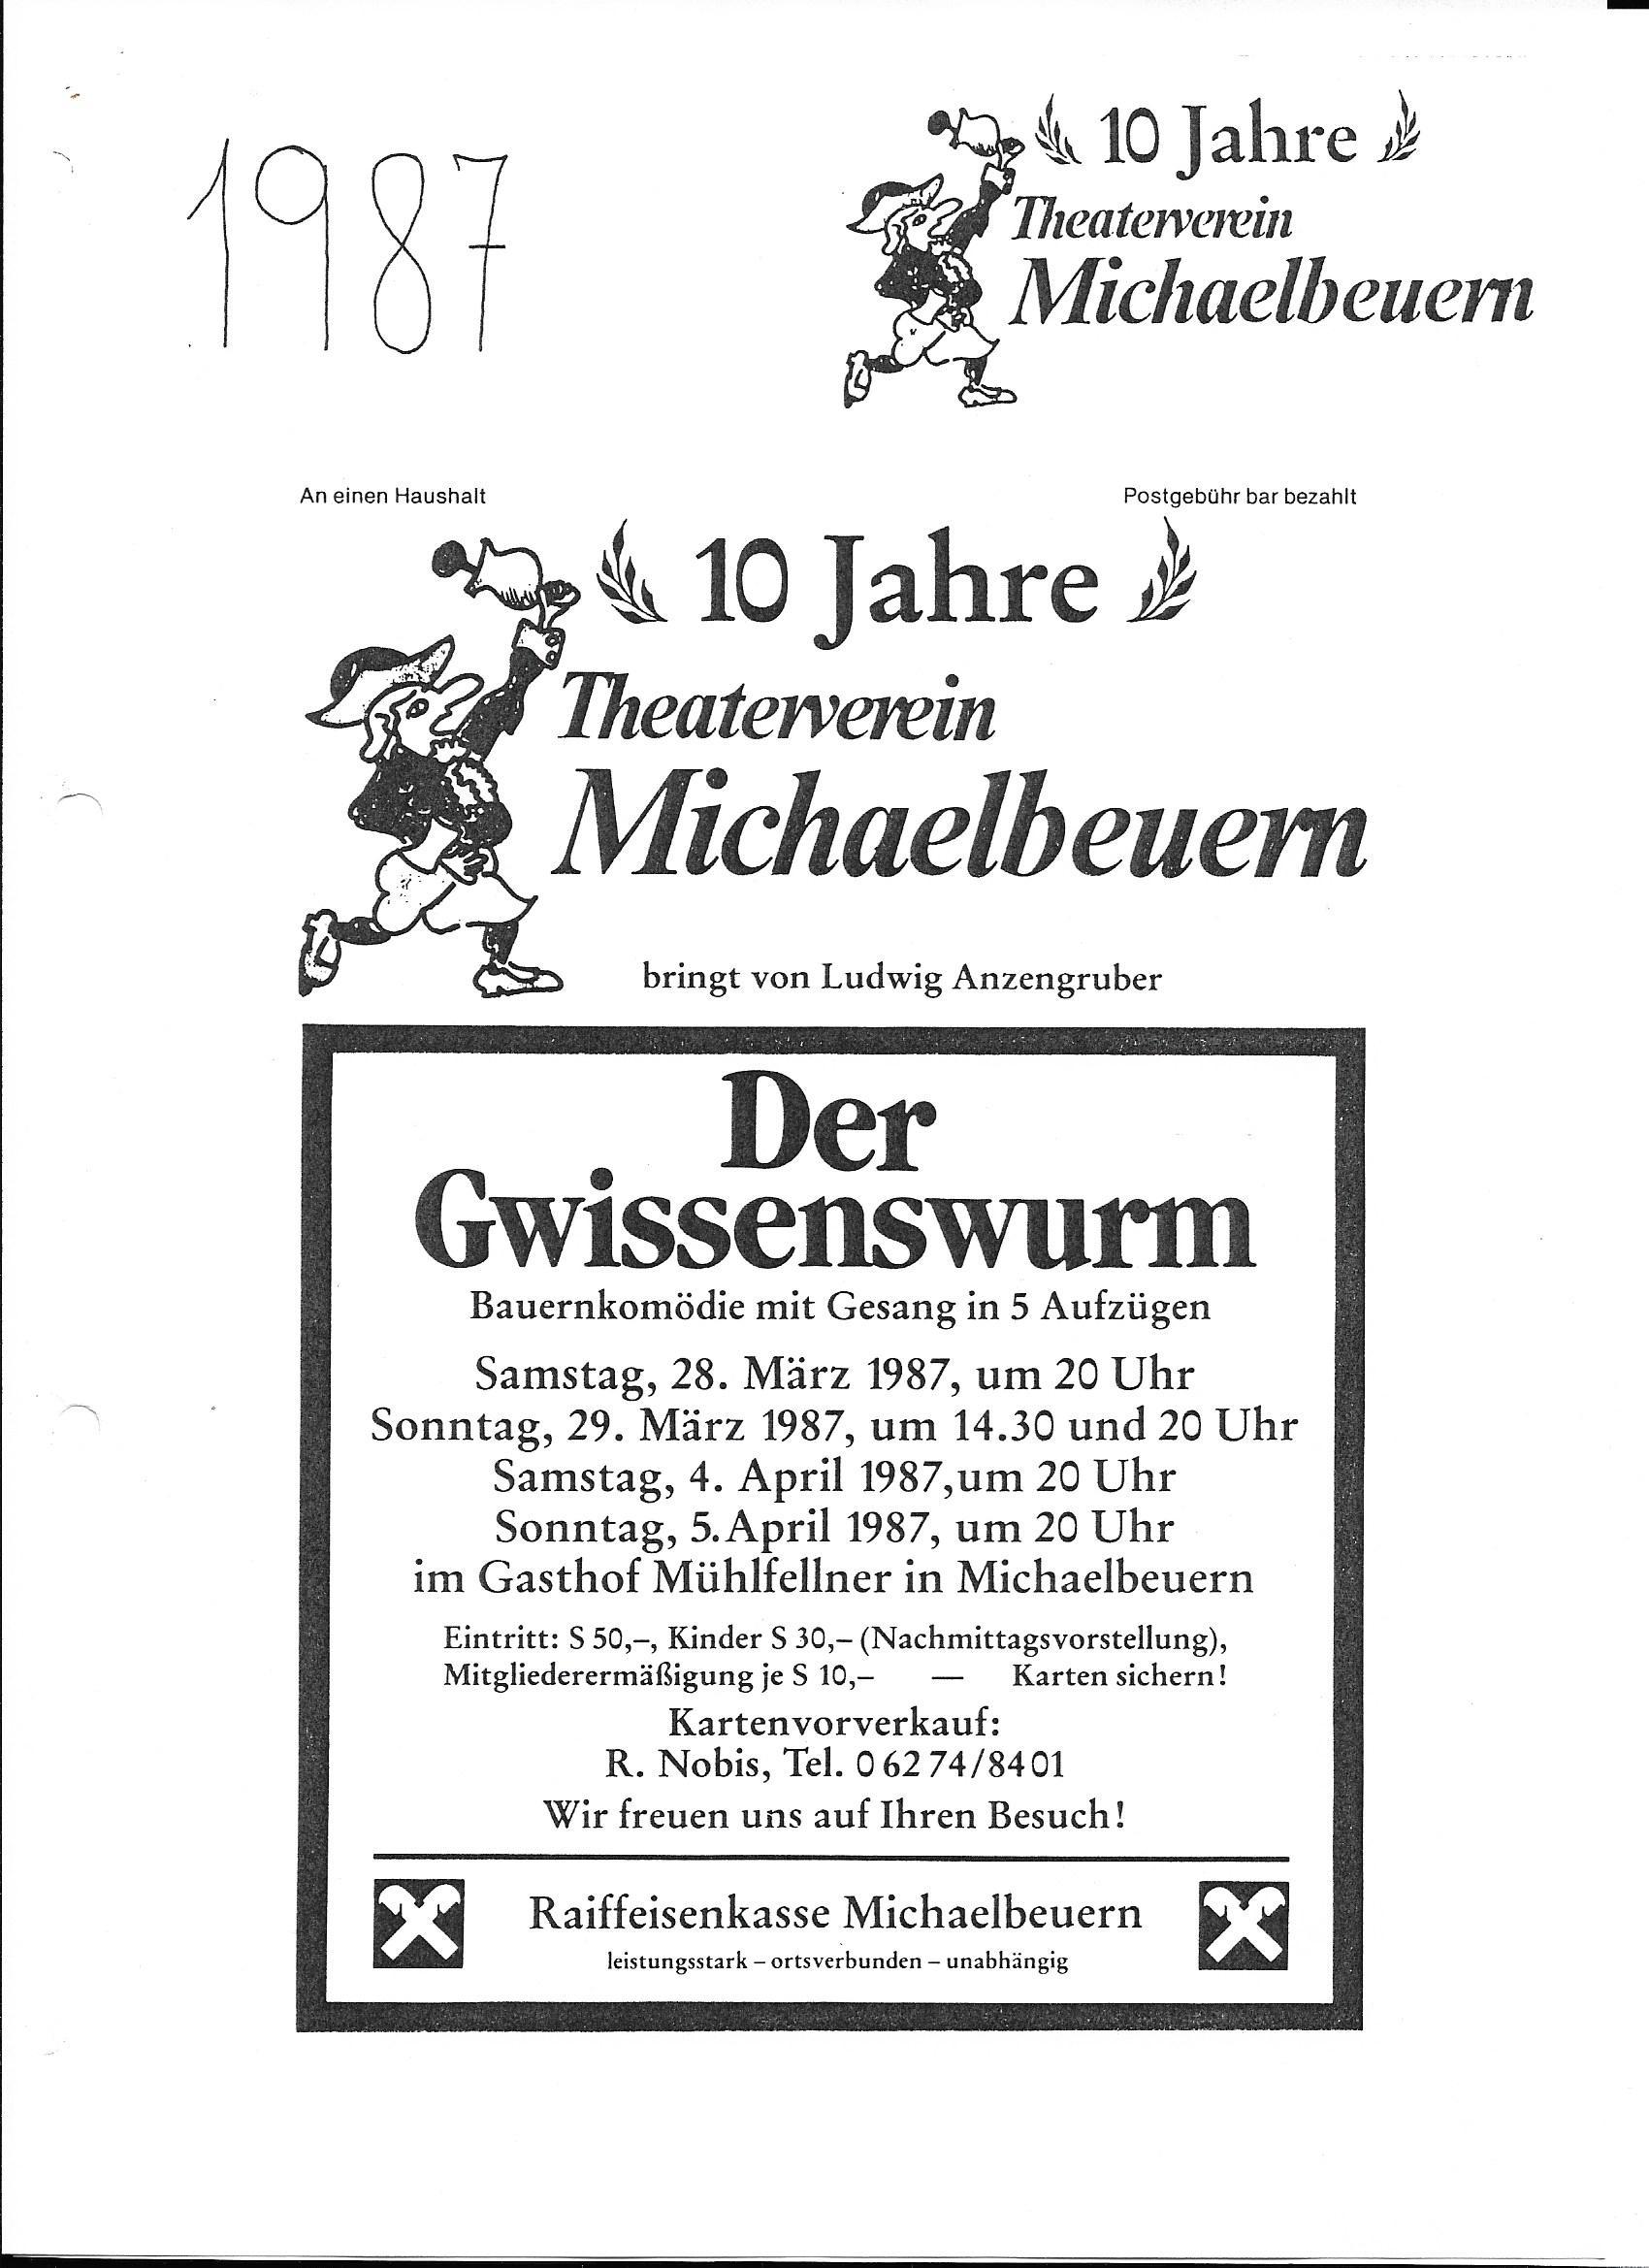 Der Gwissenswurm - 1